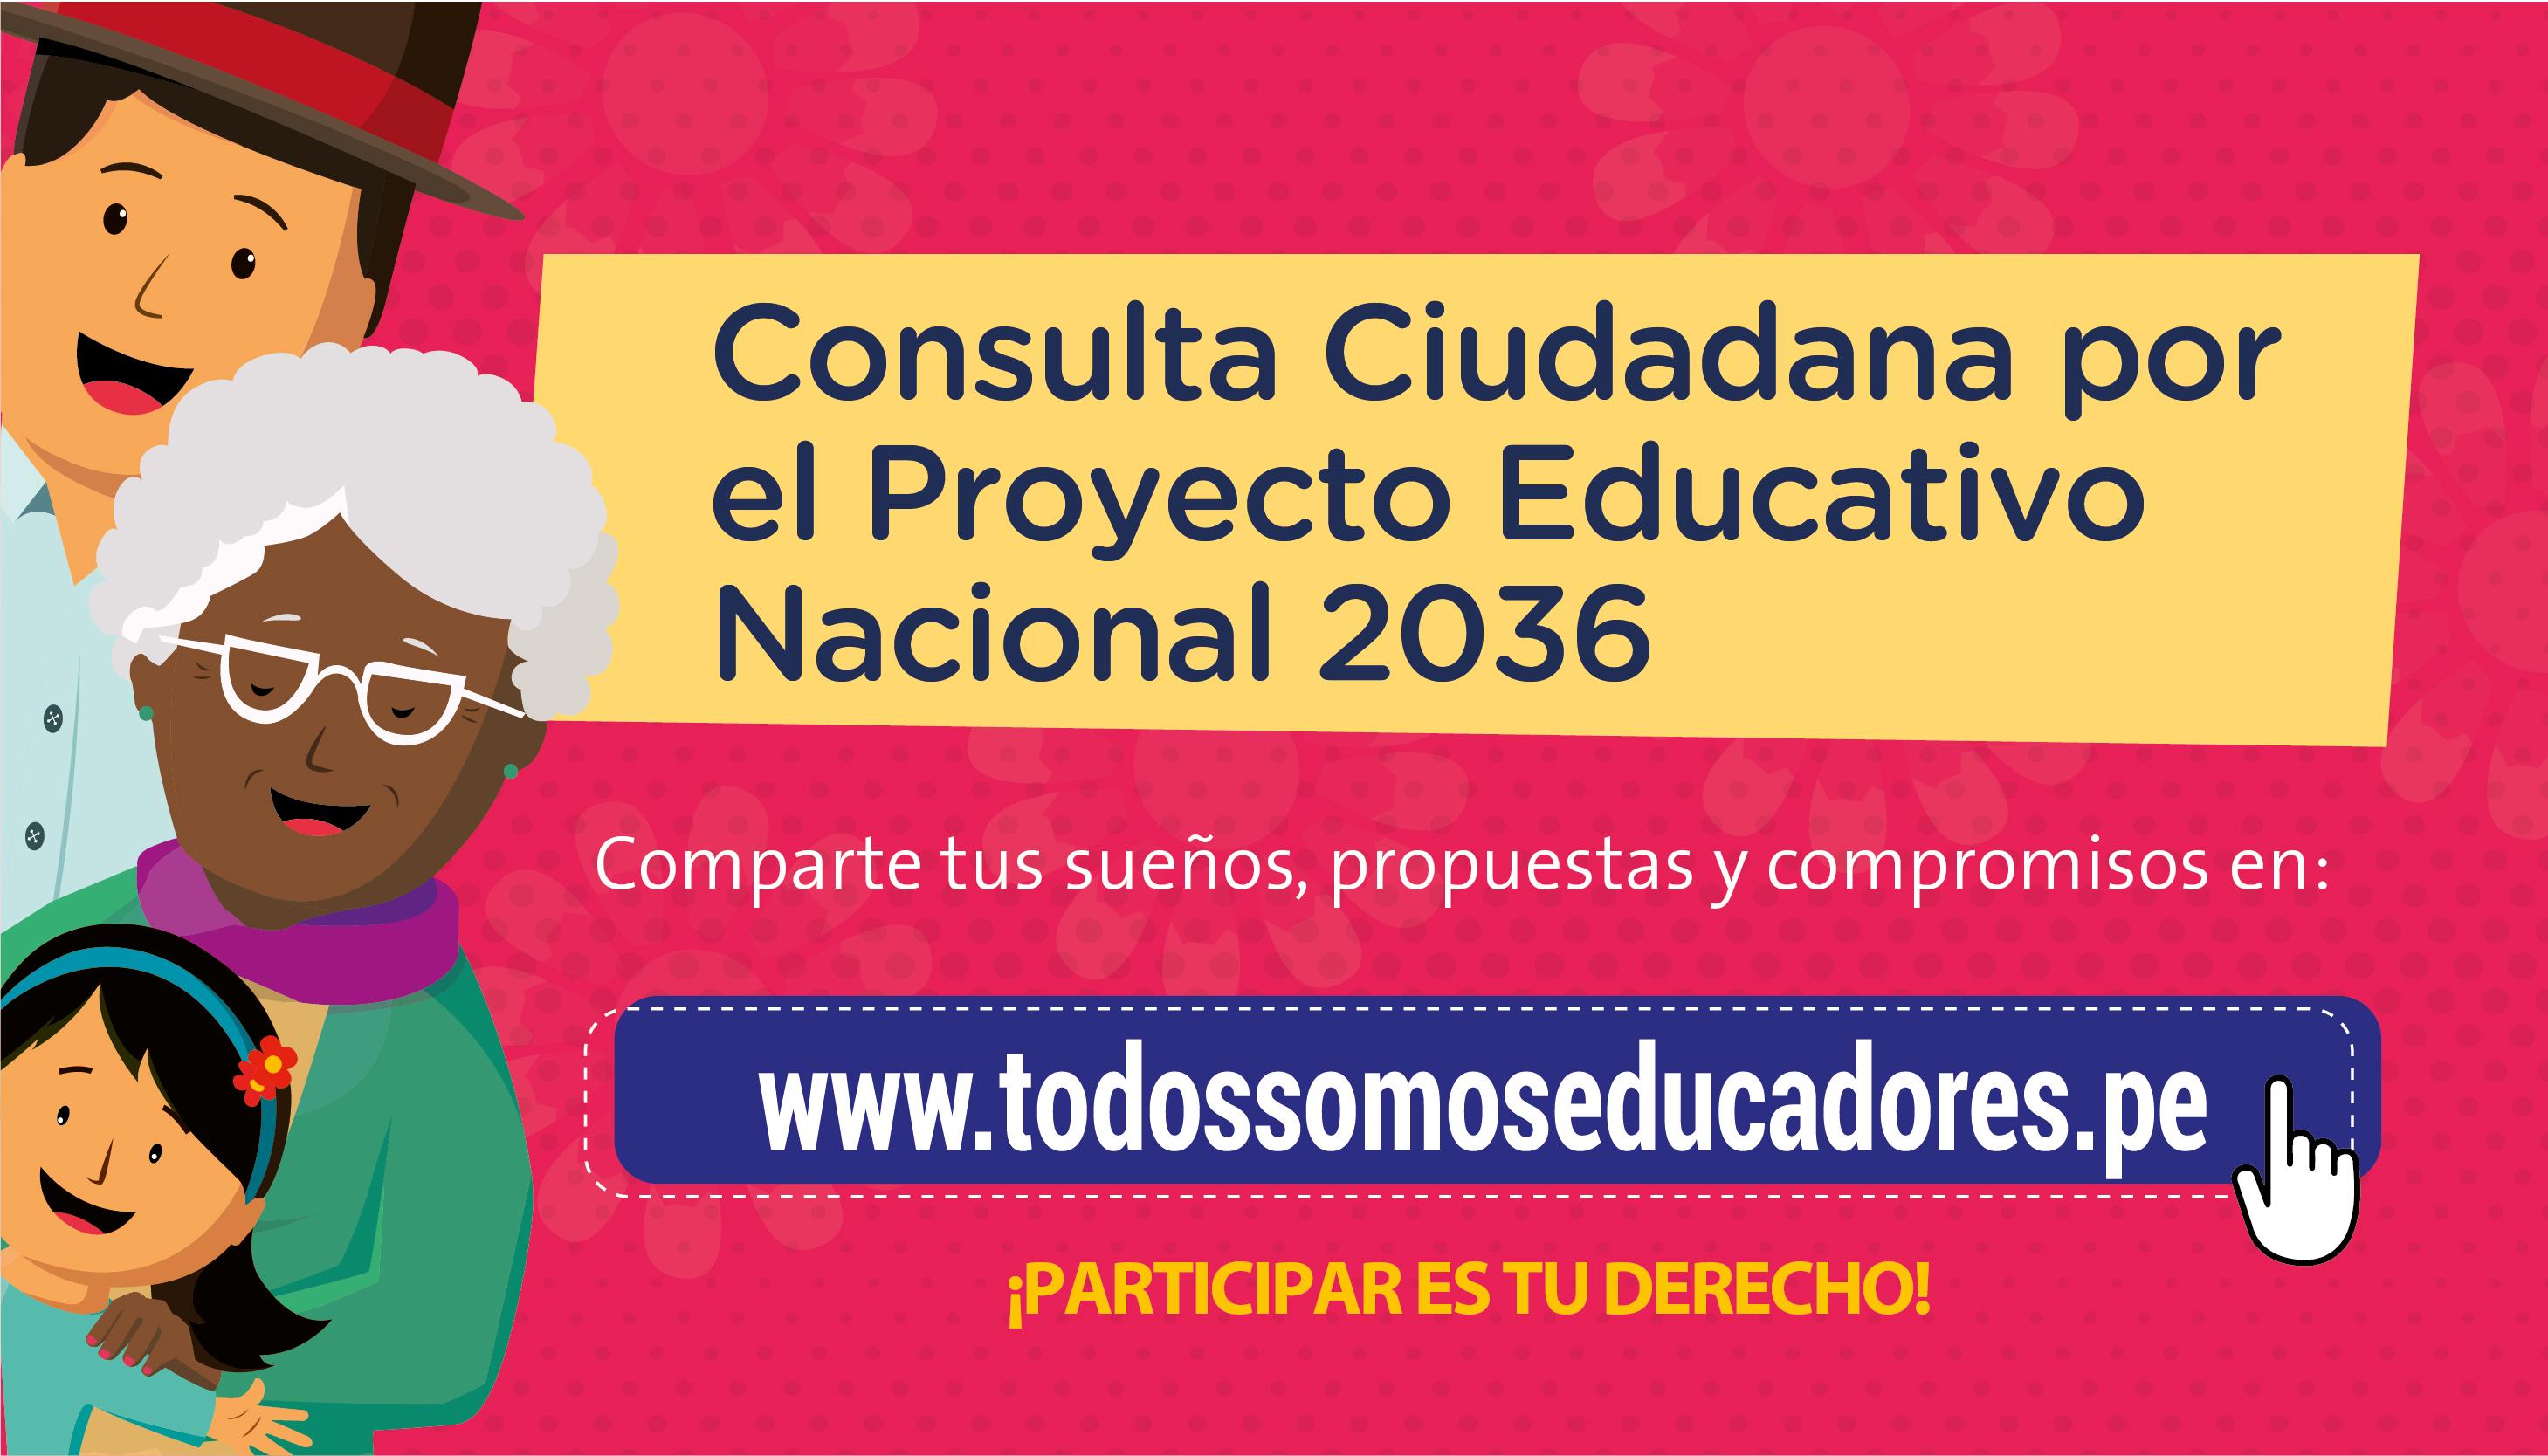 Consulta Ciudadana por el Proyecto Educativo Nacional 2021 – 2036